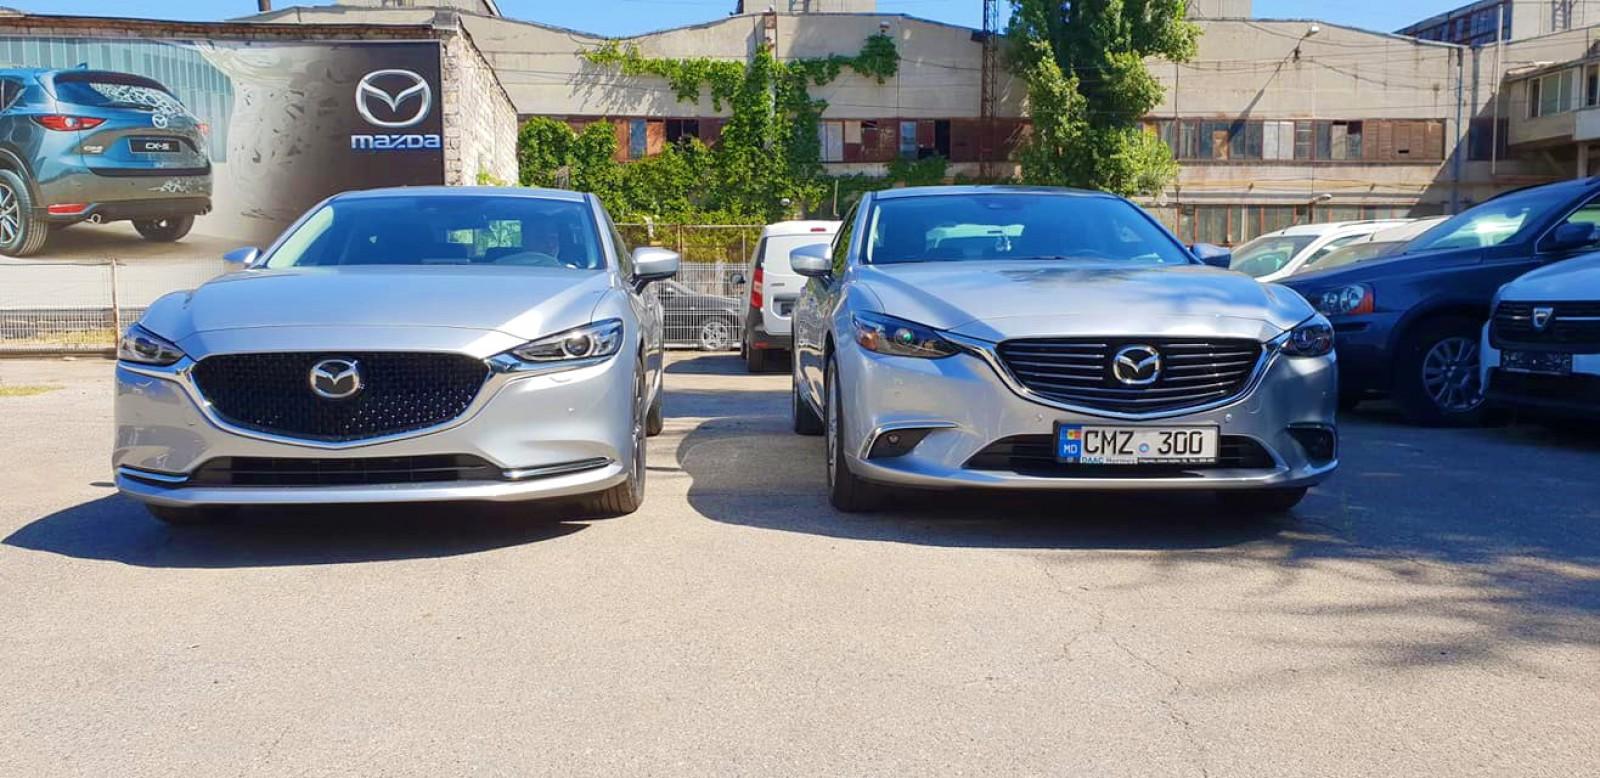 (foto) Mazda Moldova a comparat modelul Mazda6 facelift cu predecesorul său